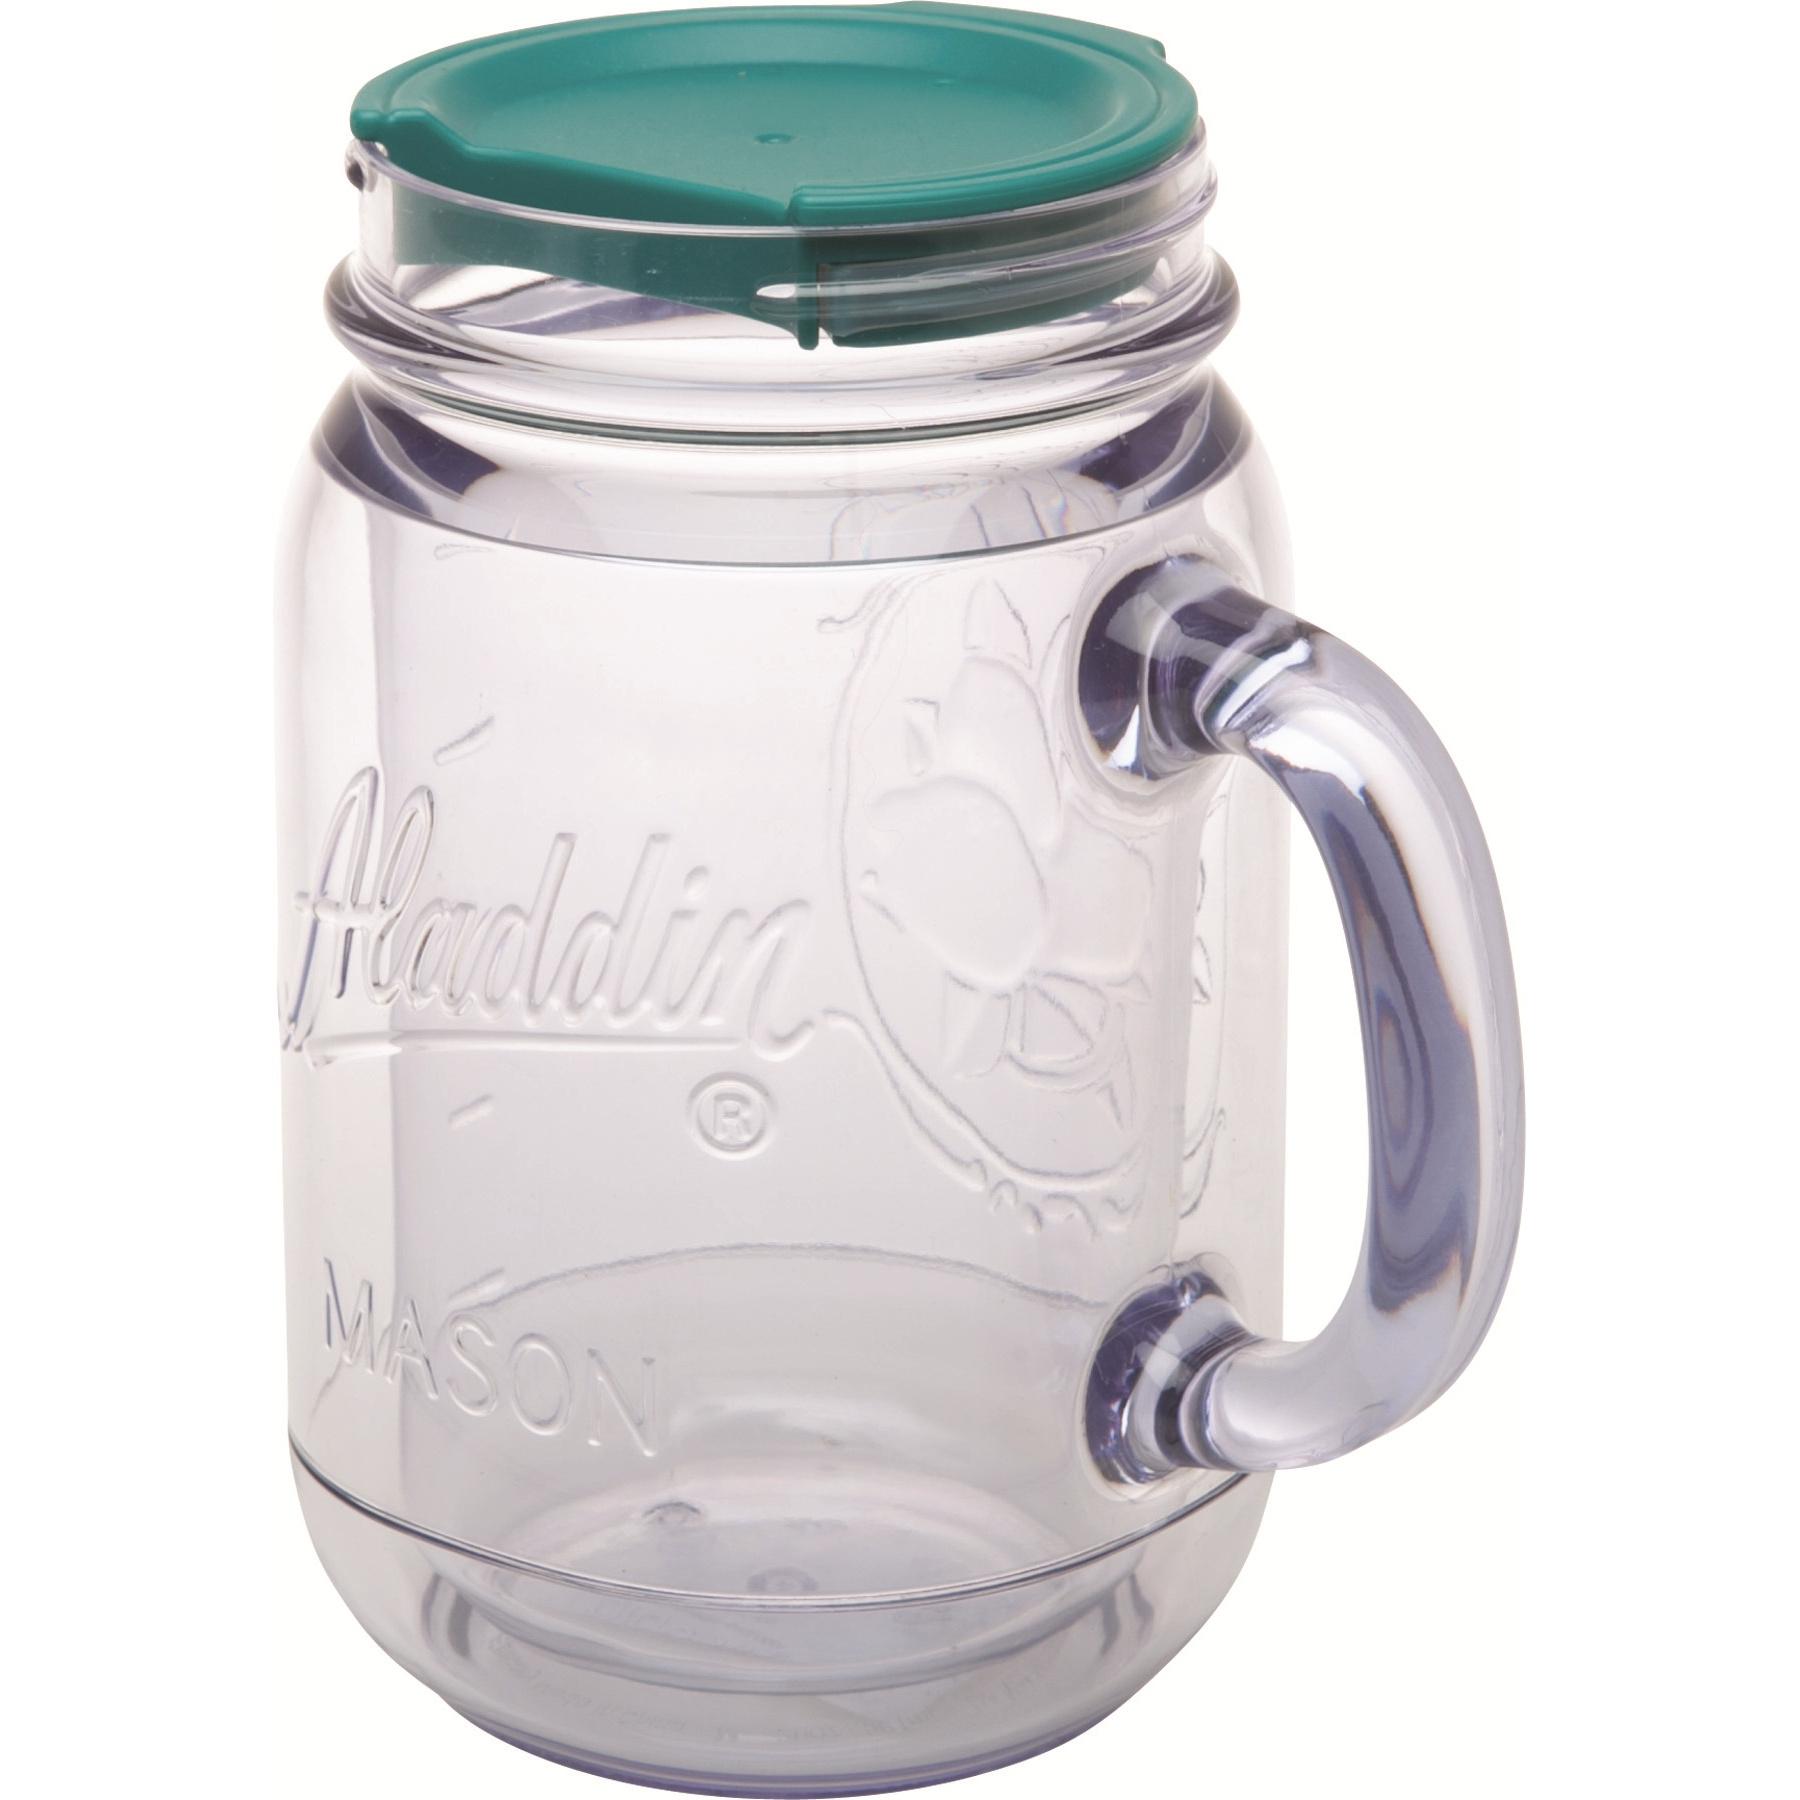 Aladdin Classic Sea Blue Insulated Acrylic Mason Jar Travel Mug, 20 Ounce